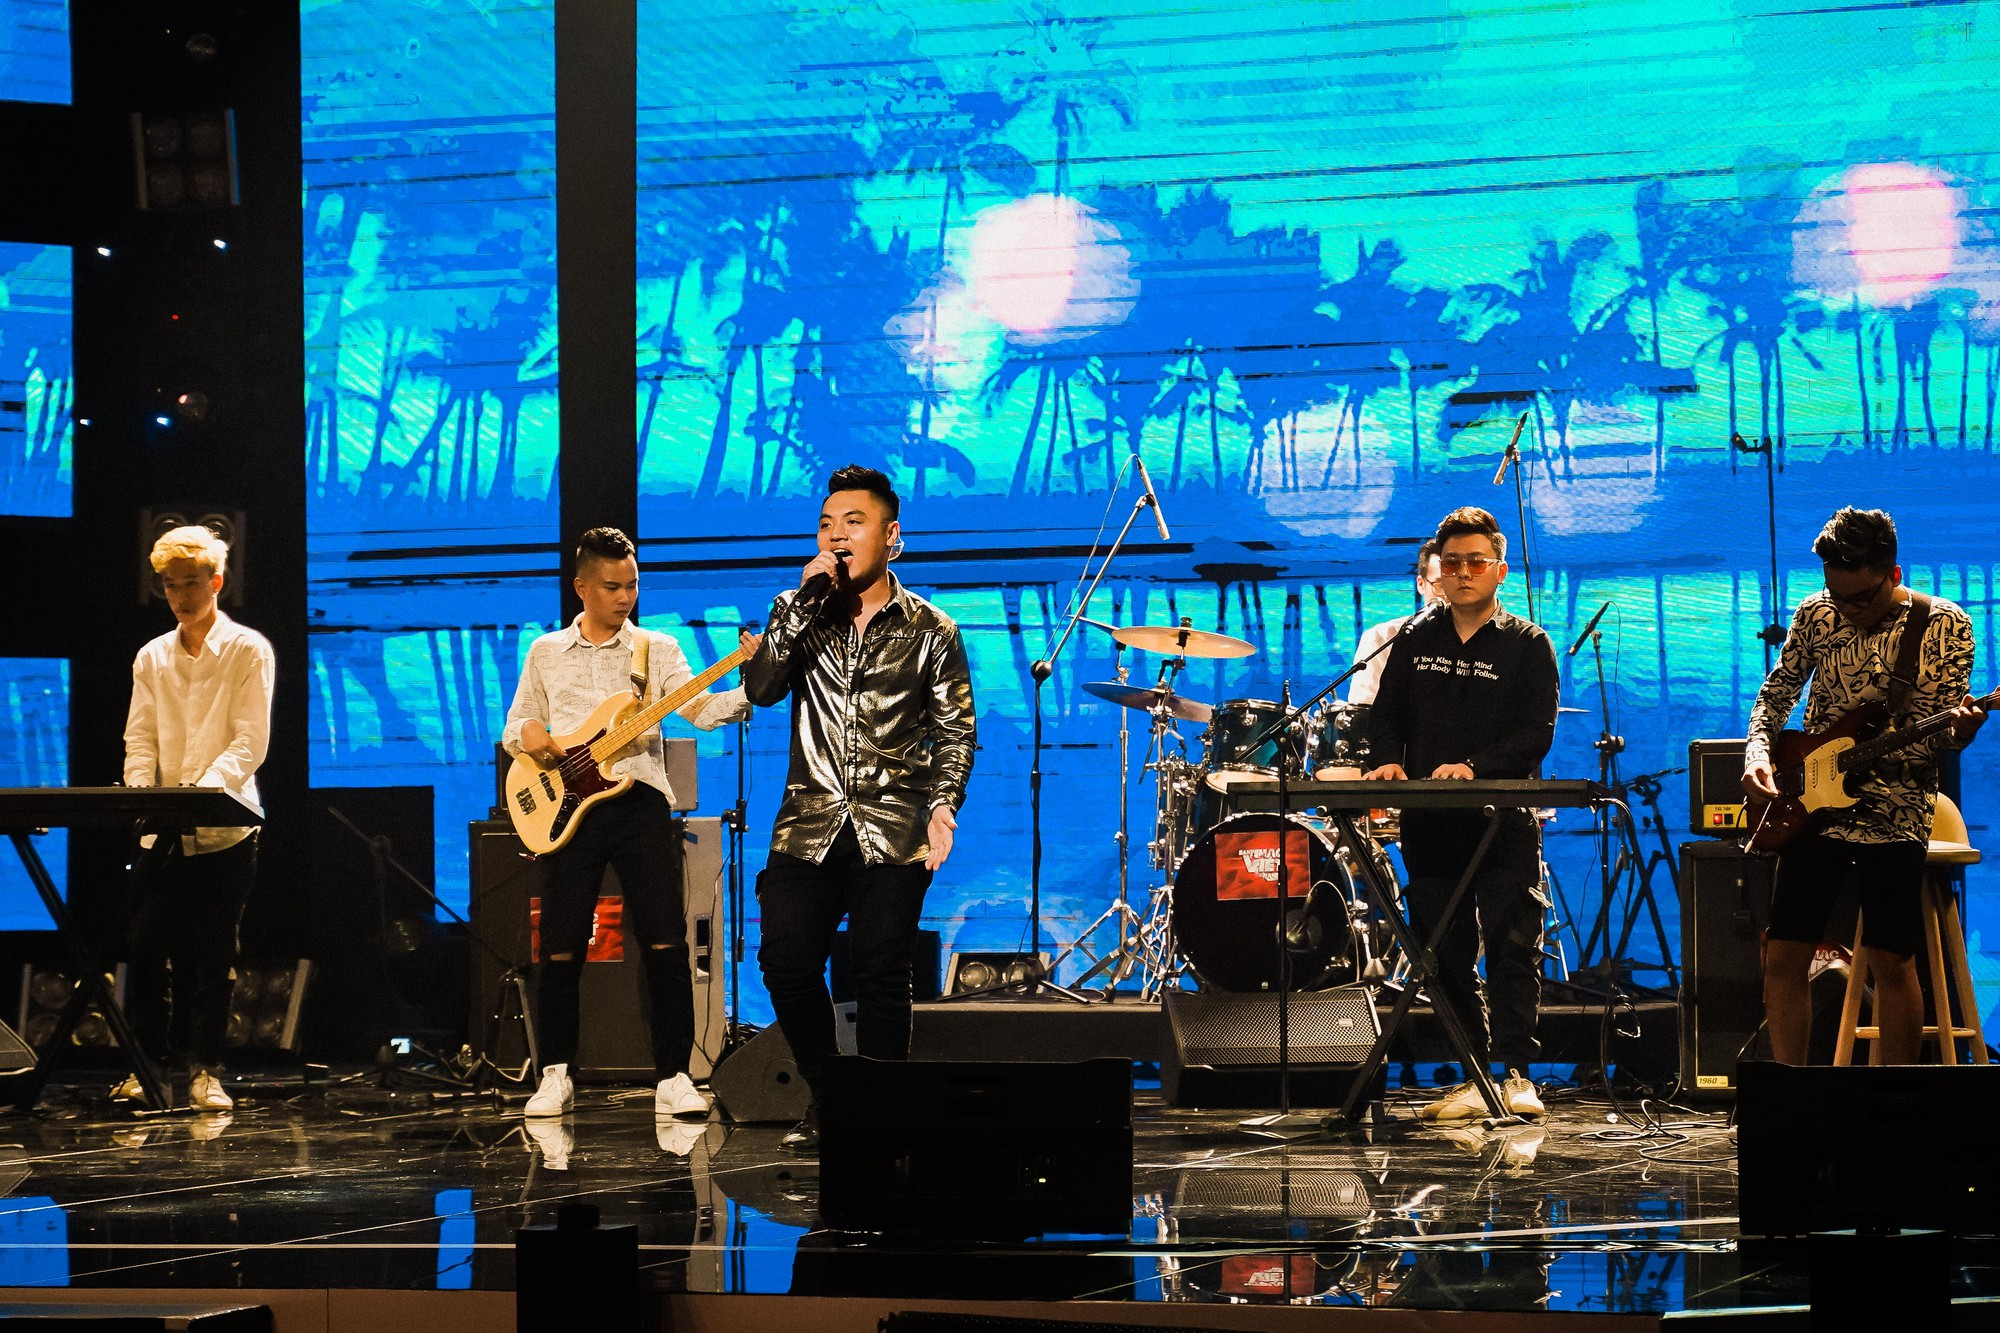 Ban nhạc Việt: Màn trộn lẫn hit Lam Trường, Mỹ Tâm, Phương Vy khiến các giám khảo bàn tán sôi nổi - Ảnh 8.